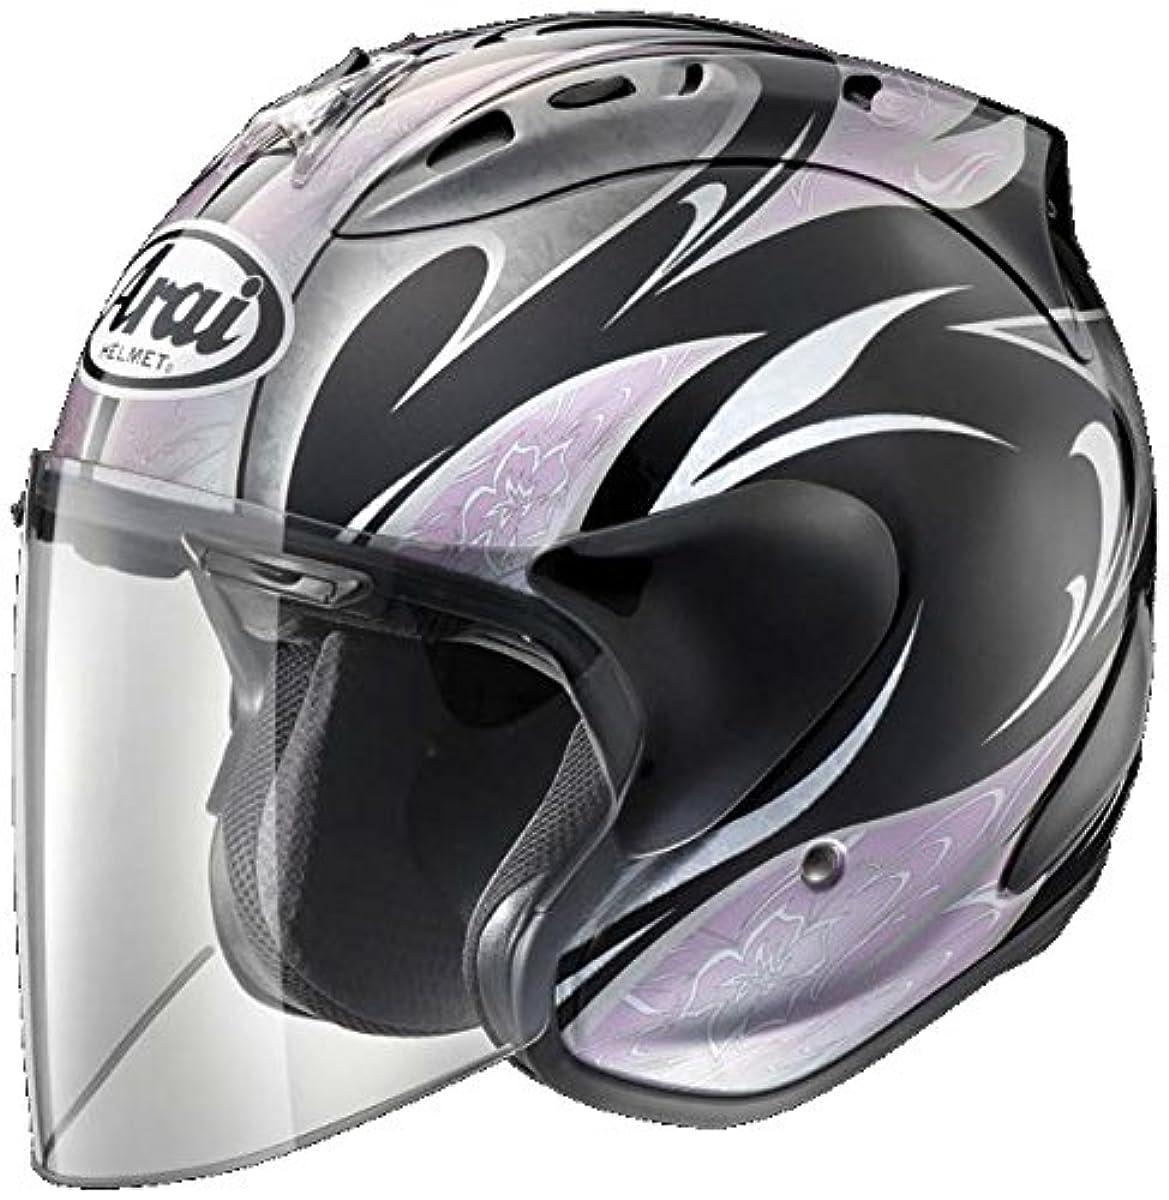 [해외] 아라이(ARAI 아라이 헬멧) 오토바이 헬멧 제트 SZ-RAM4 KAREN 블랙 핑크 S (55-56CM)